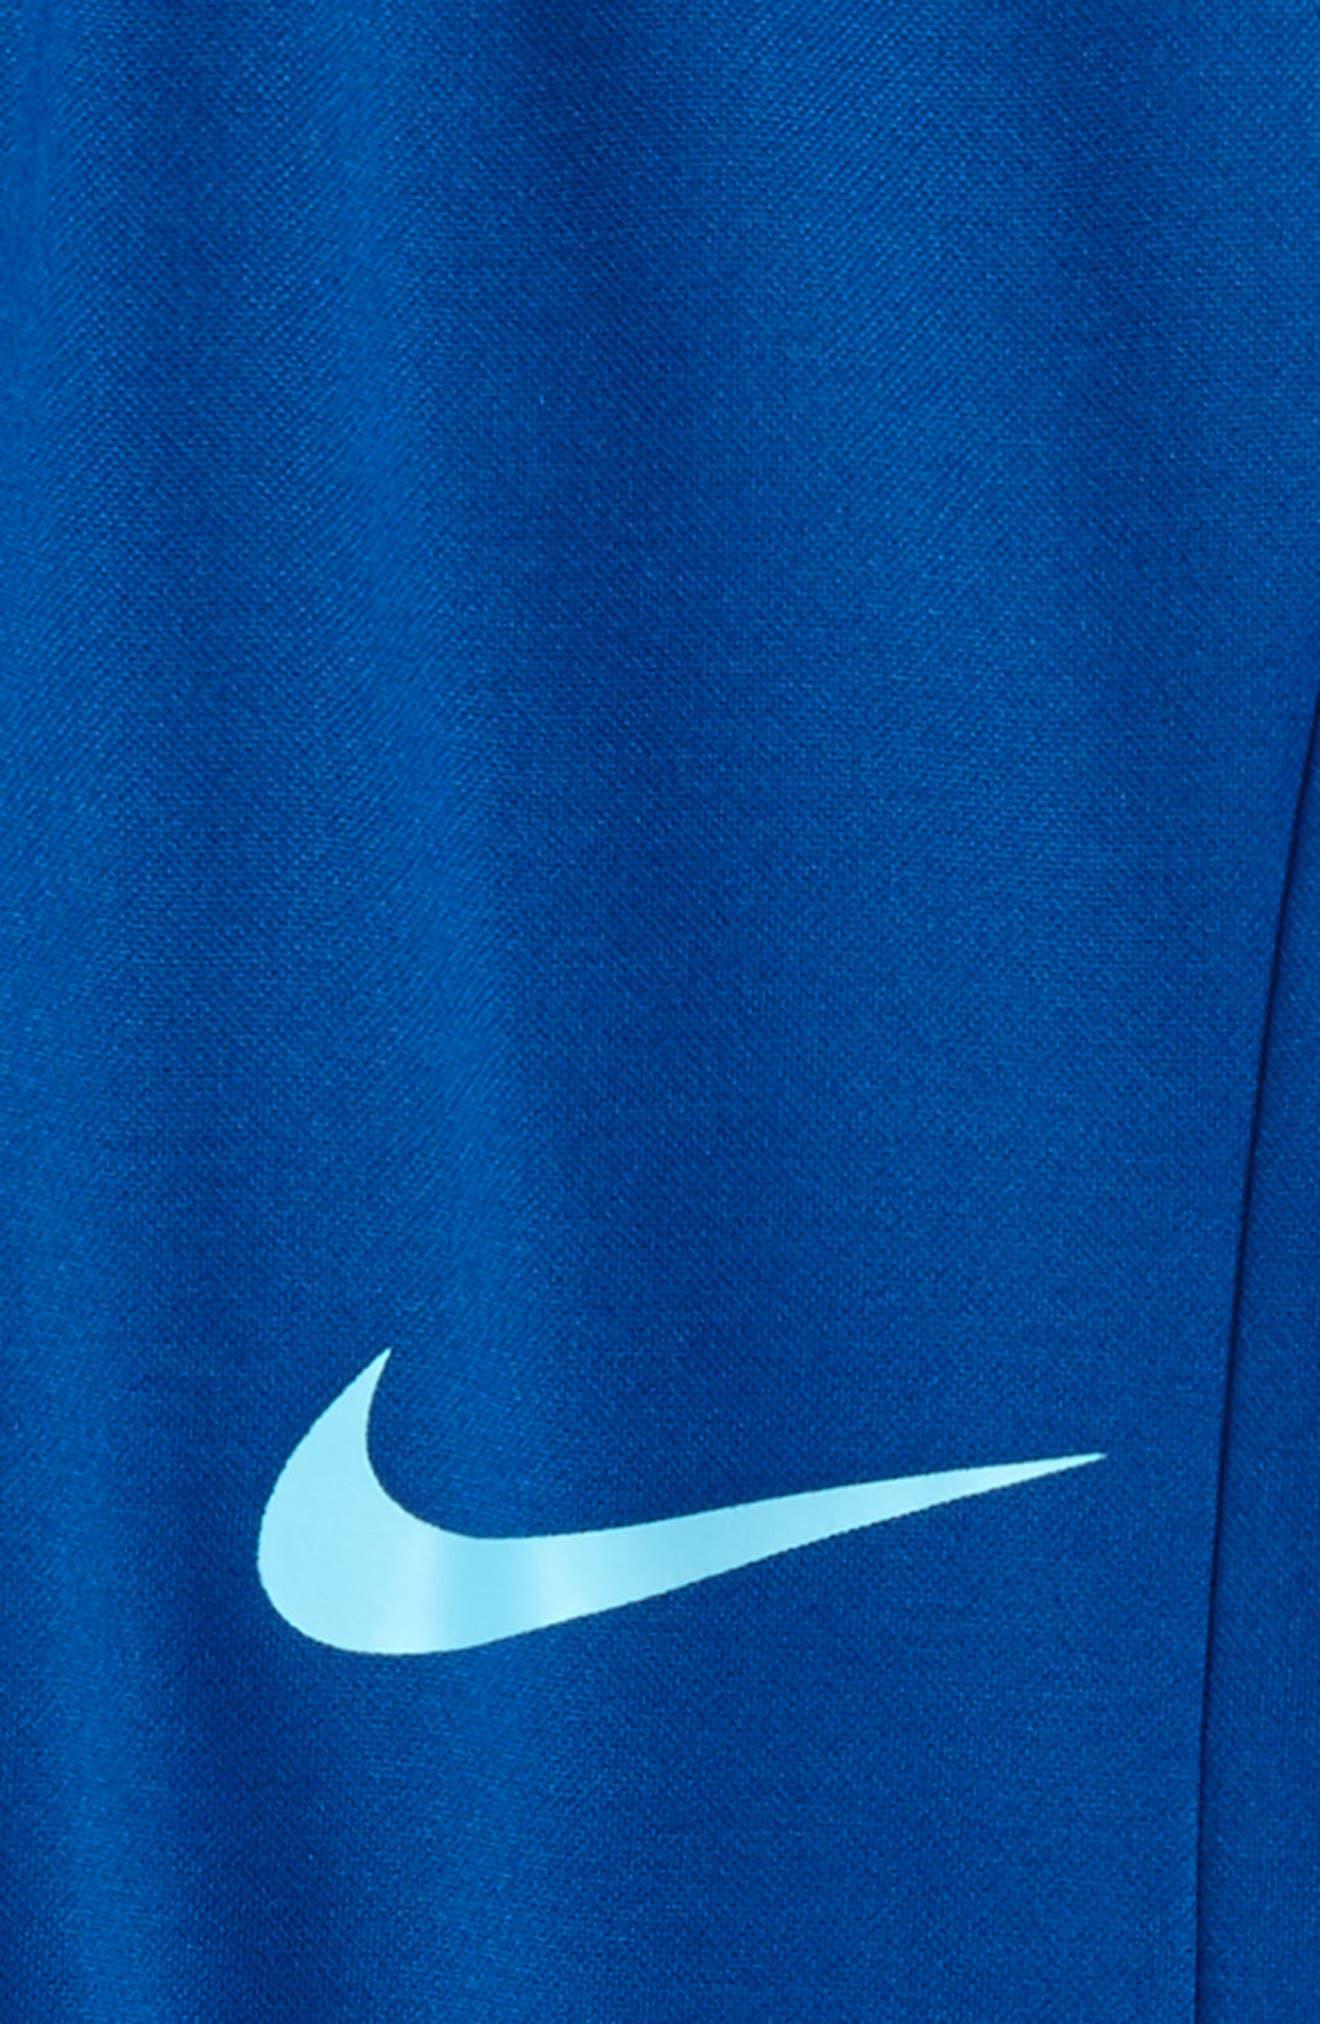 Therma-FIT GFX Fleece Jogger Pants,                             Alternate thumbnail 2, color,                             Gym Blue